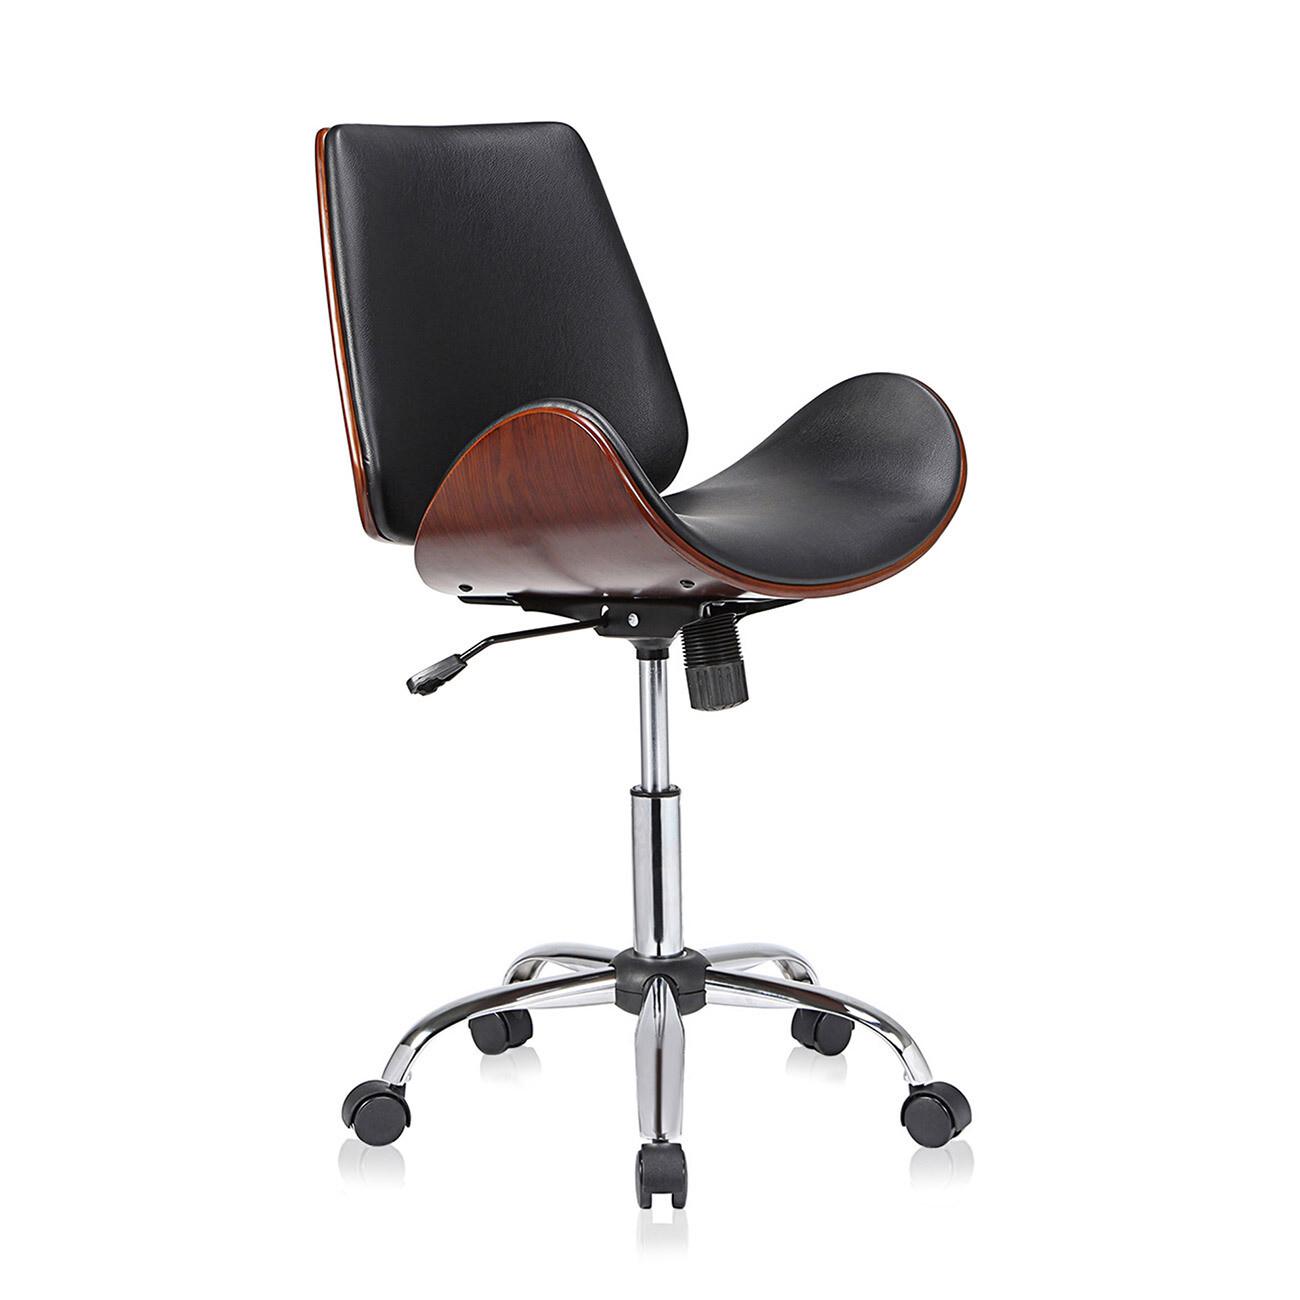 MY SIT Design-Bürostuhl Drehhocker - Constance in Schwarz/Braun